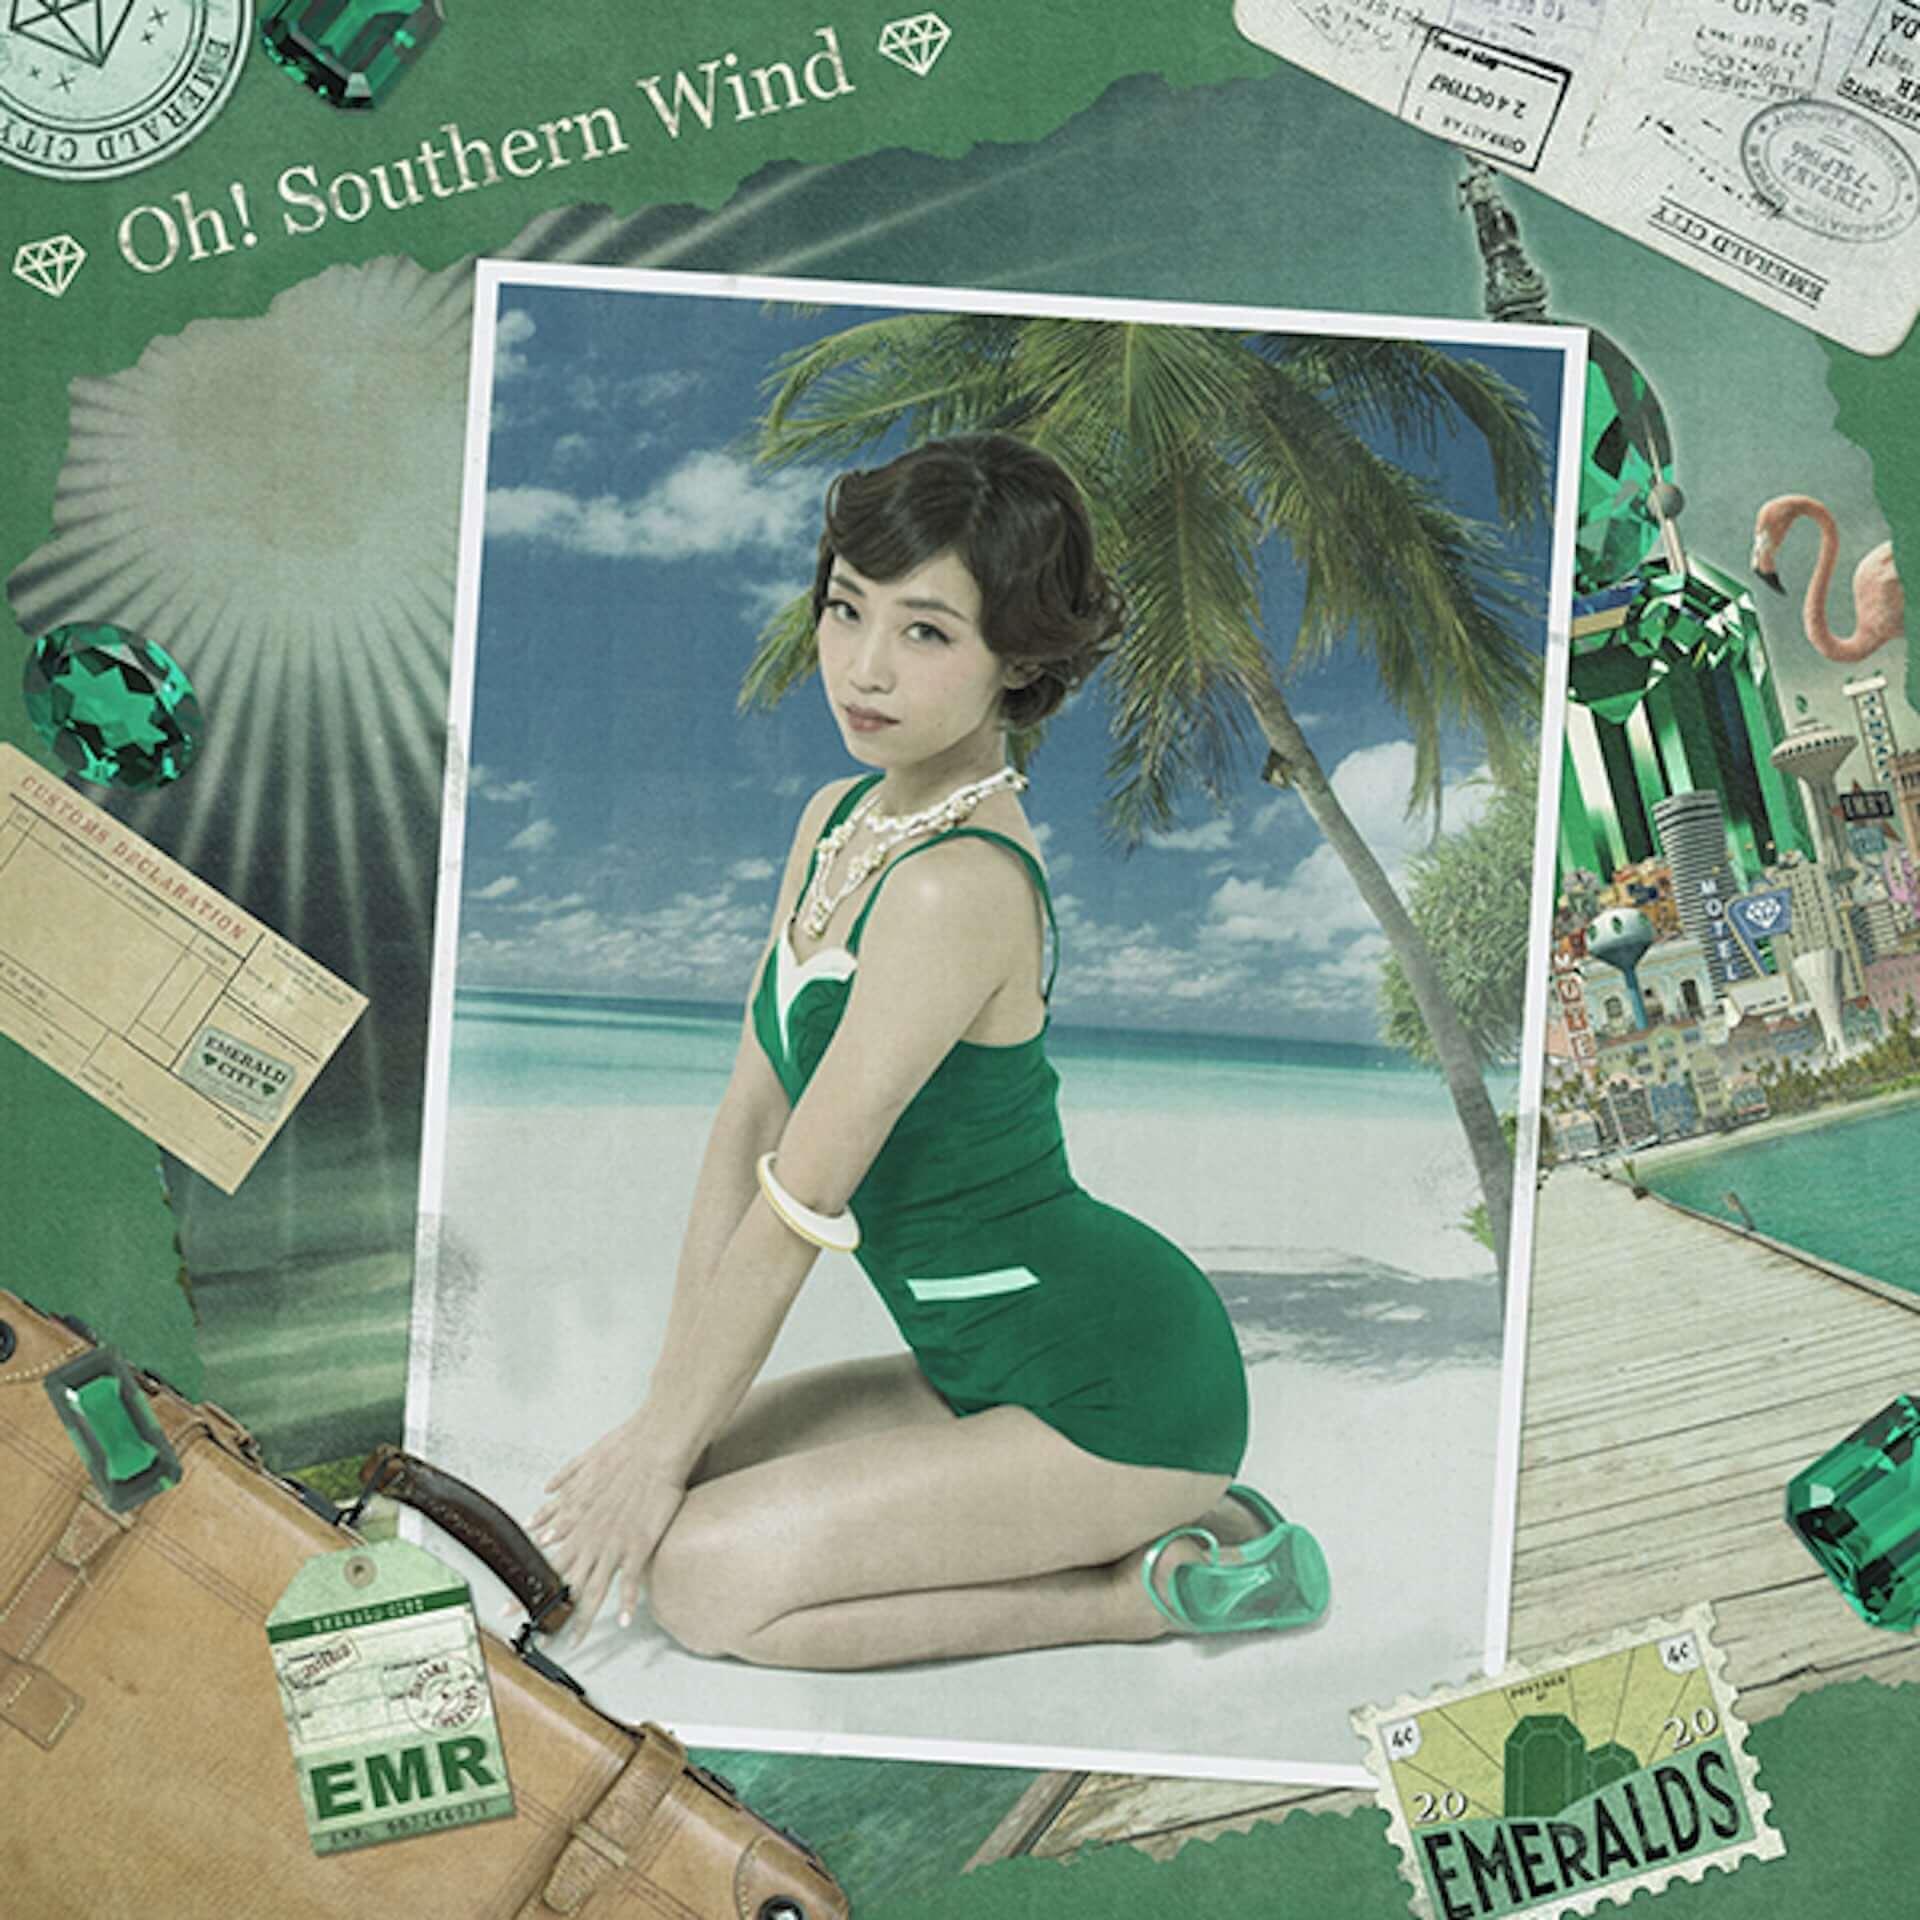 """一十三十一、Kashifら擁する6人組バンド・JINTANA&EMERALDSが最新シングル""""Oh! Southern Wind""""をリリース! music210127_jintanaandemeralds_2-1920x1920"""